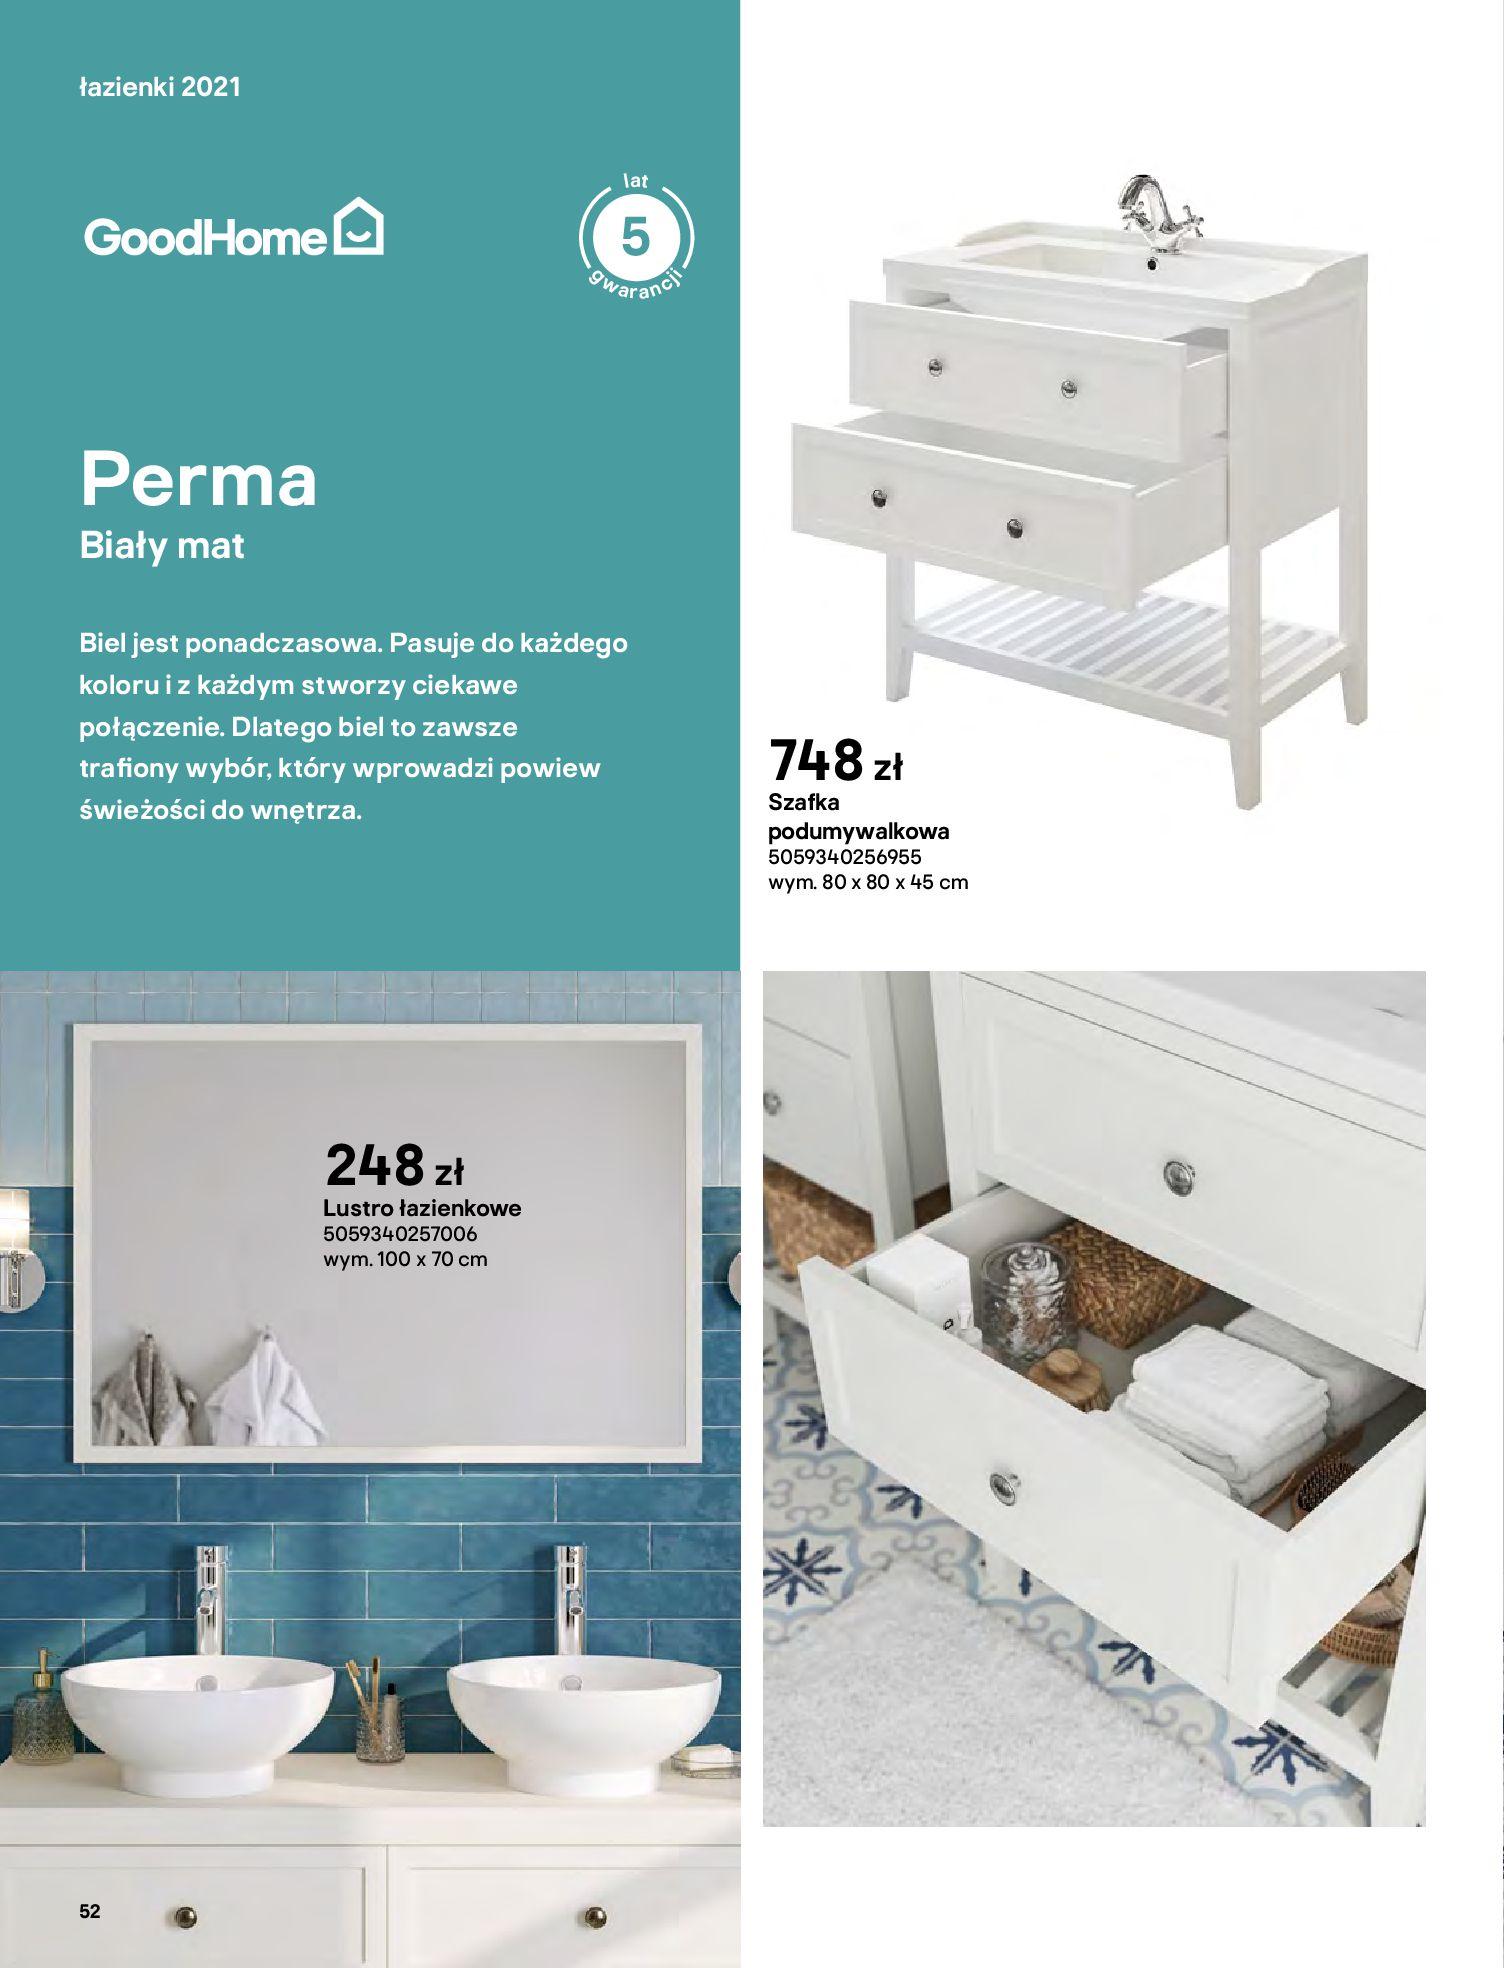 Gazetka Castorama: Gazetka Castorama - katalog łazienki 2021 2021-06-16 page-52